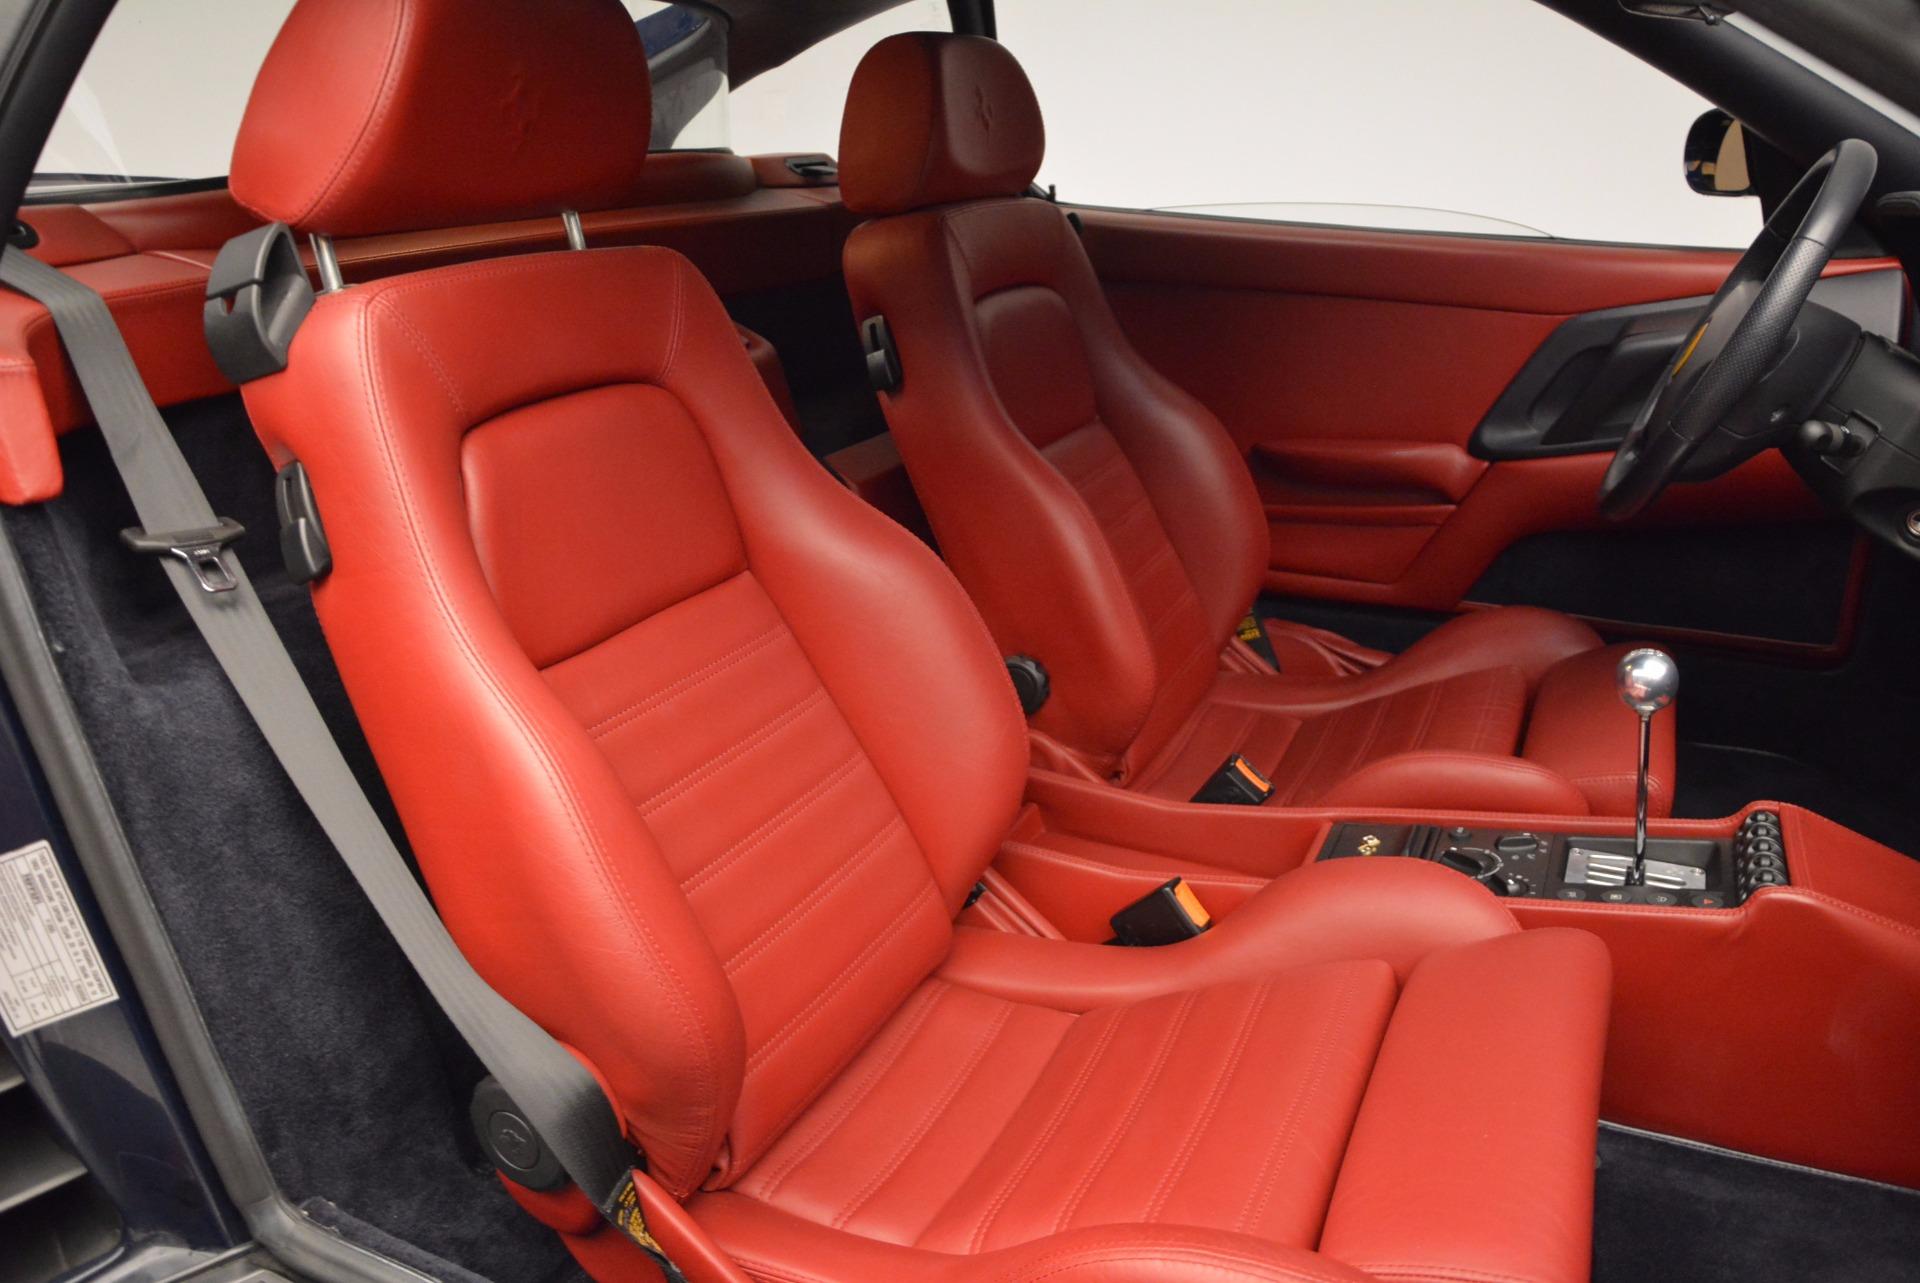 Used 1999 Ferrari 355 Berlinetta For Sale In Greenwich, CT. Alfa Romeo of Greenwich, 4357 855_p20